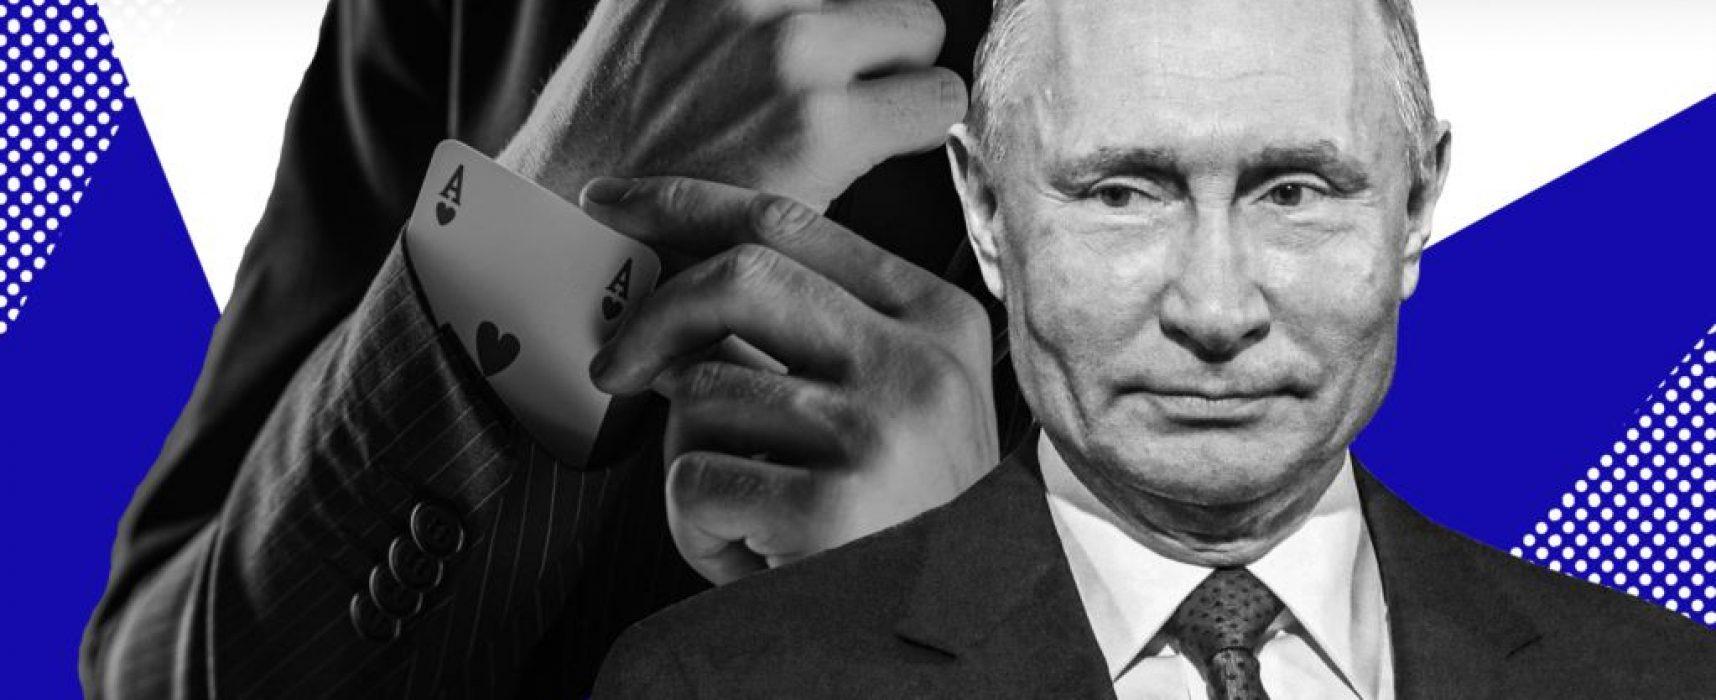 Виталий Портников: Министерство кремлевского страха